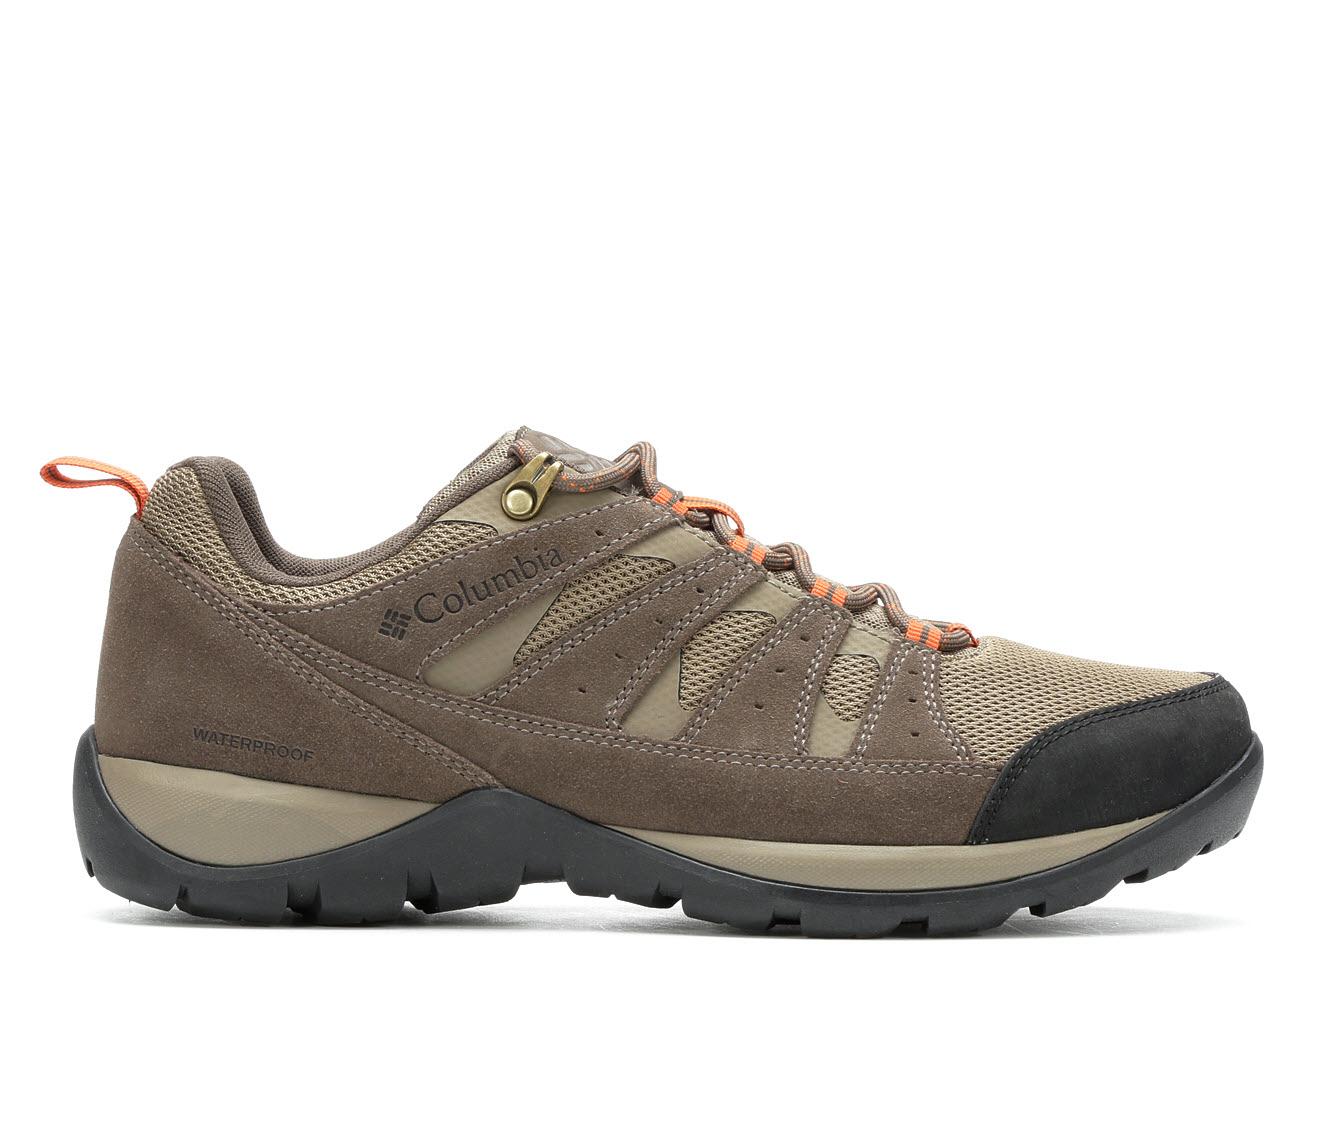 Columbia Redmond V2 Low Waterproof Men's Boots (Brown)